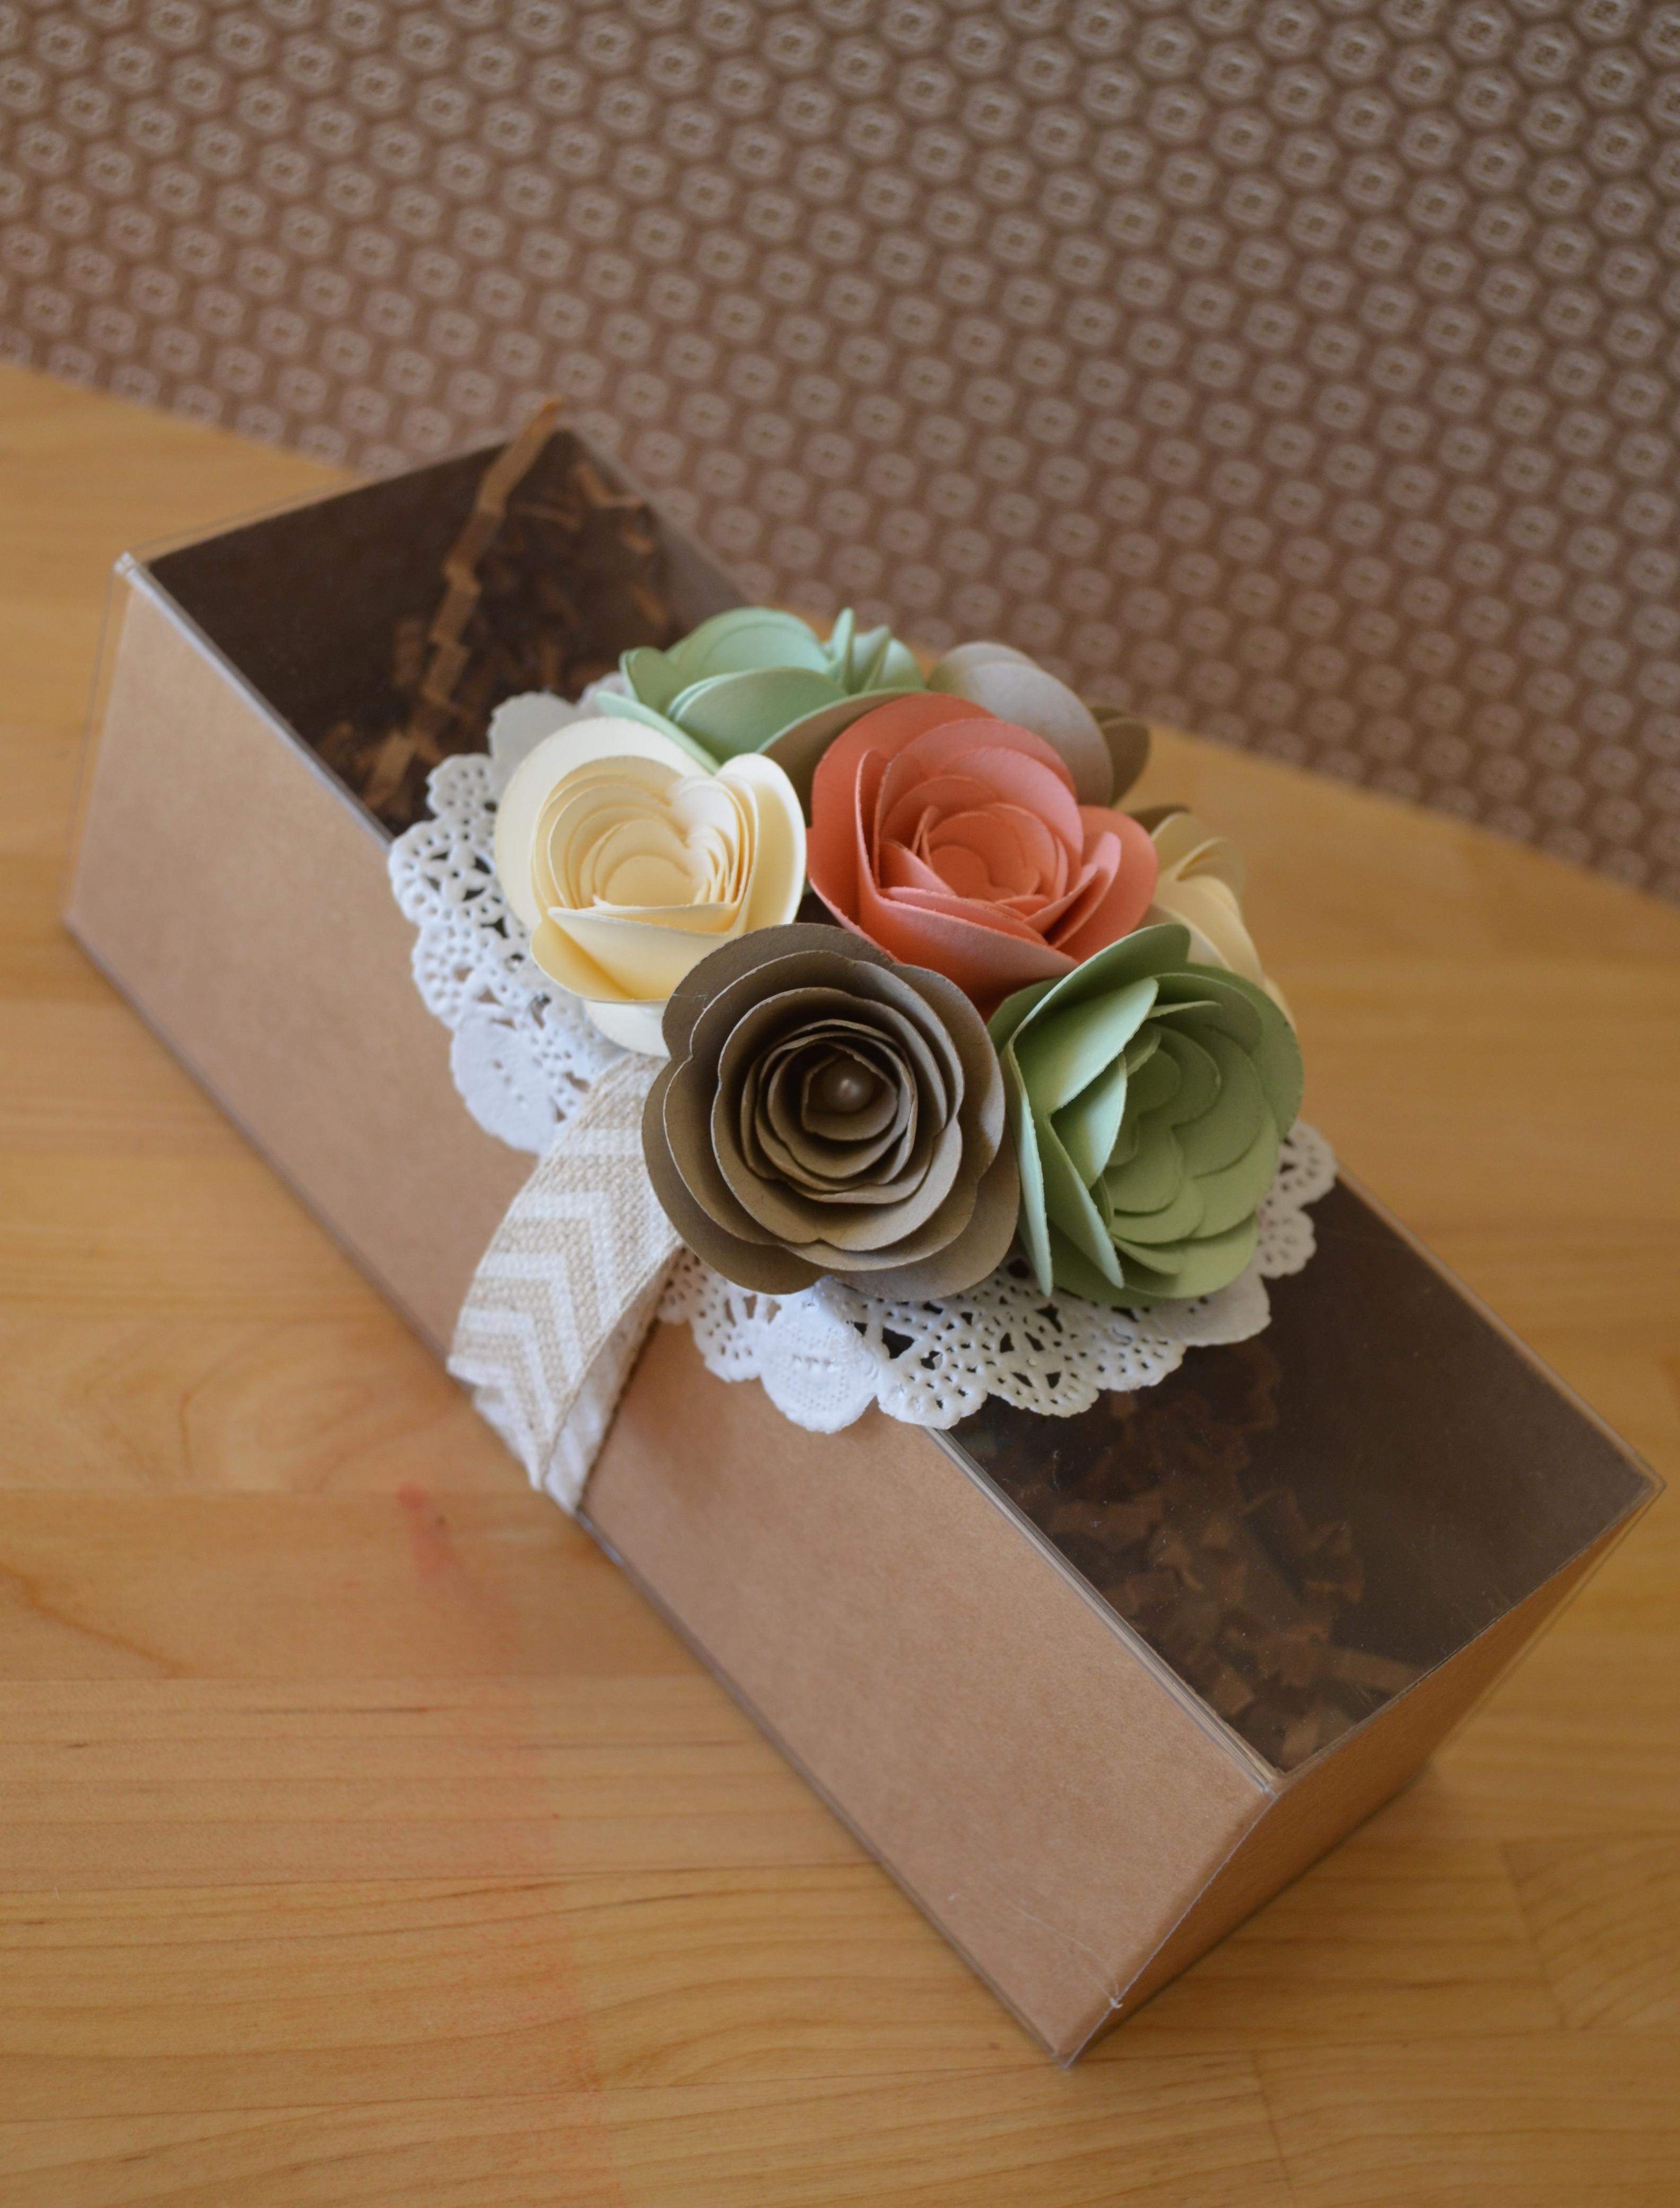 Цветы из бумаги своими руками. Мастер класс 26